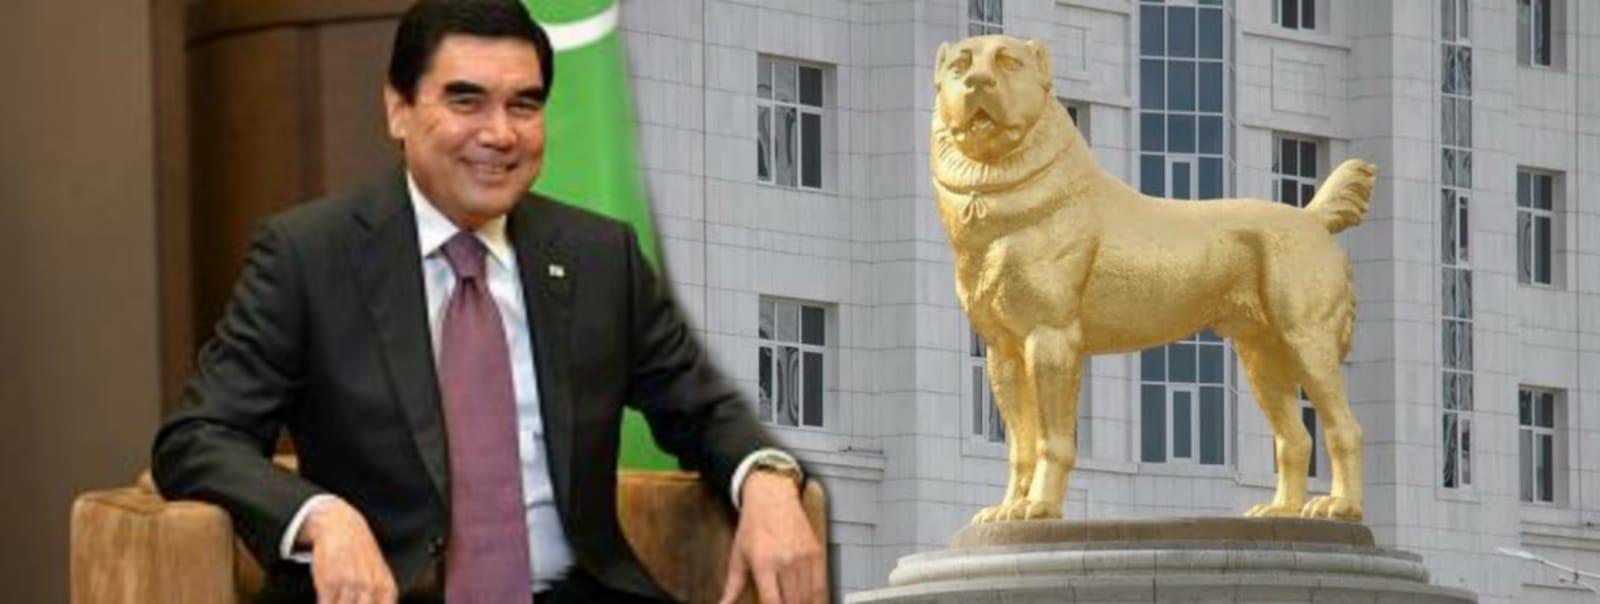 Türkmenistan Devlet Başkanı Nisan ayının son pazarını köpek bayramı ve ulusal tatil günü ilan etti